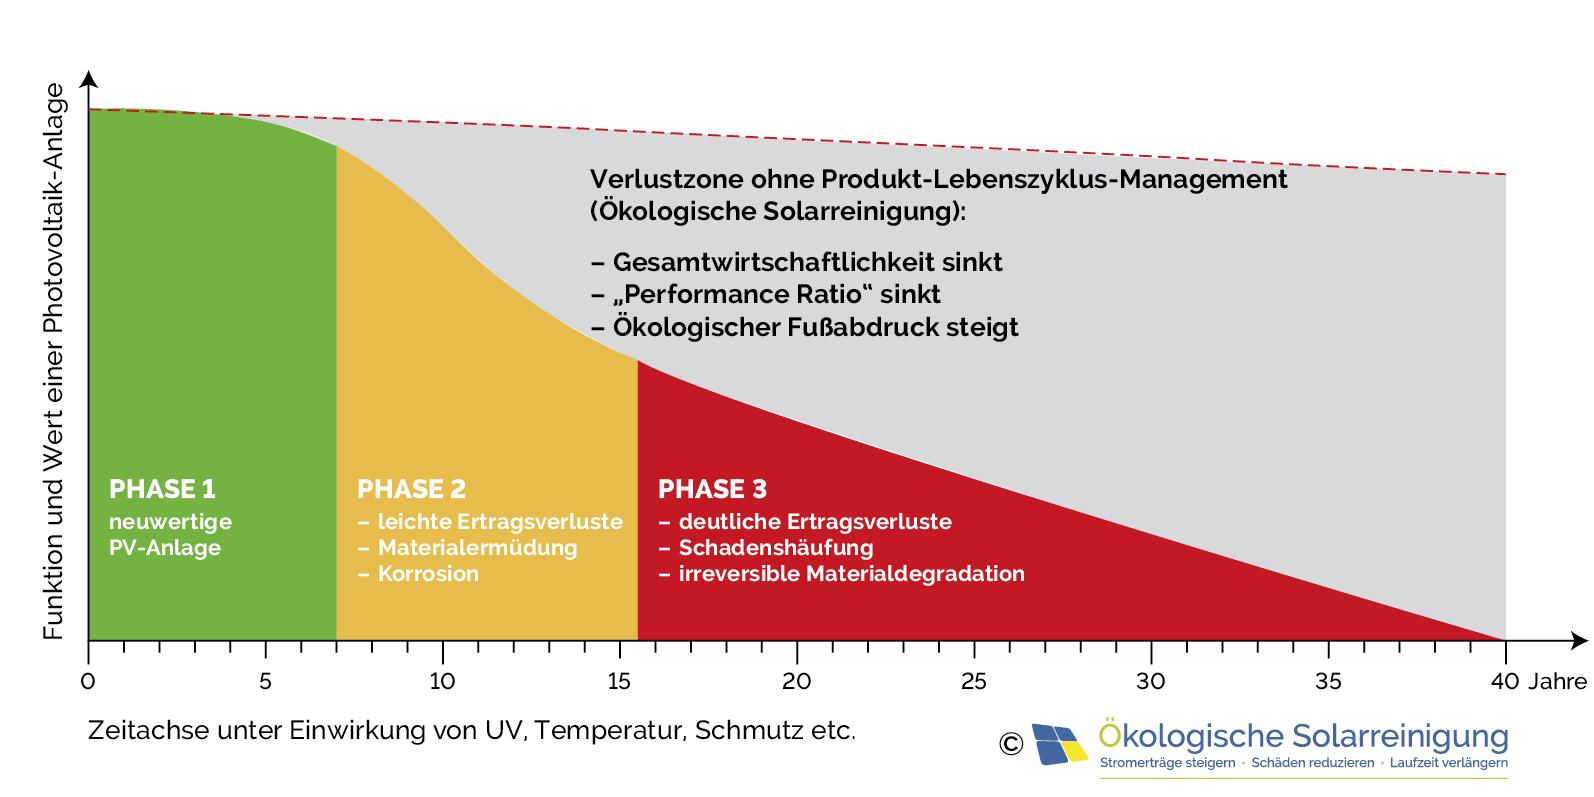 Fehlende und mangelhafte Photovoltaik Reinigung verschlechtert den Wert und die Wirtschaftlichkeit einer Photovoltaikanlage.